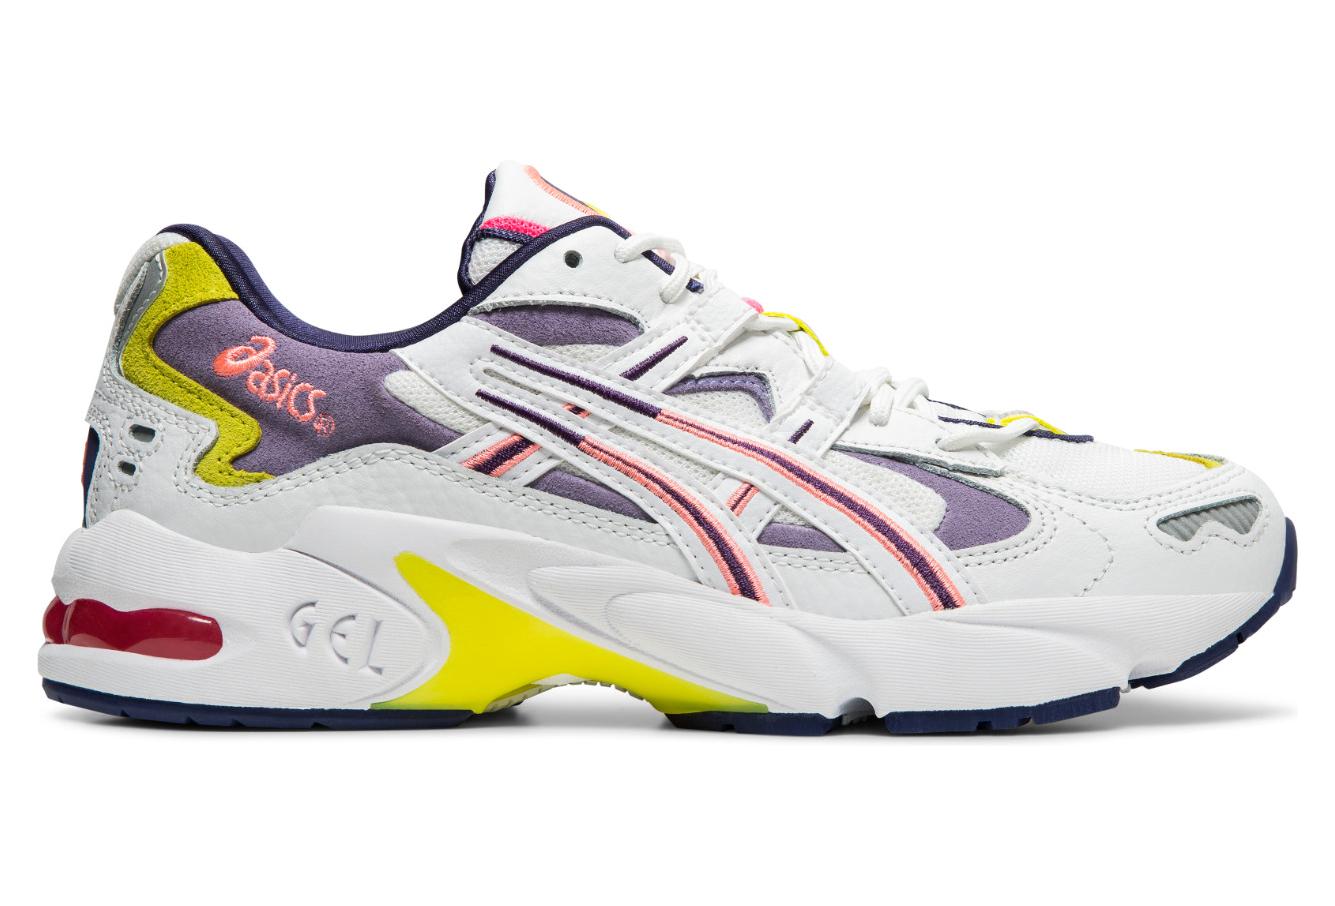 Chaussures femme Asics Gel-Kayano 5 Og | Alltricks.com